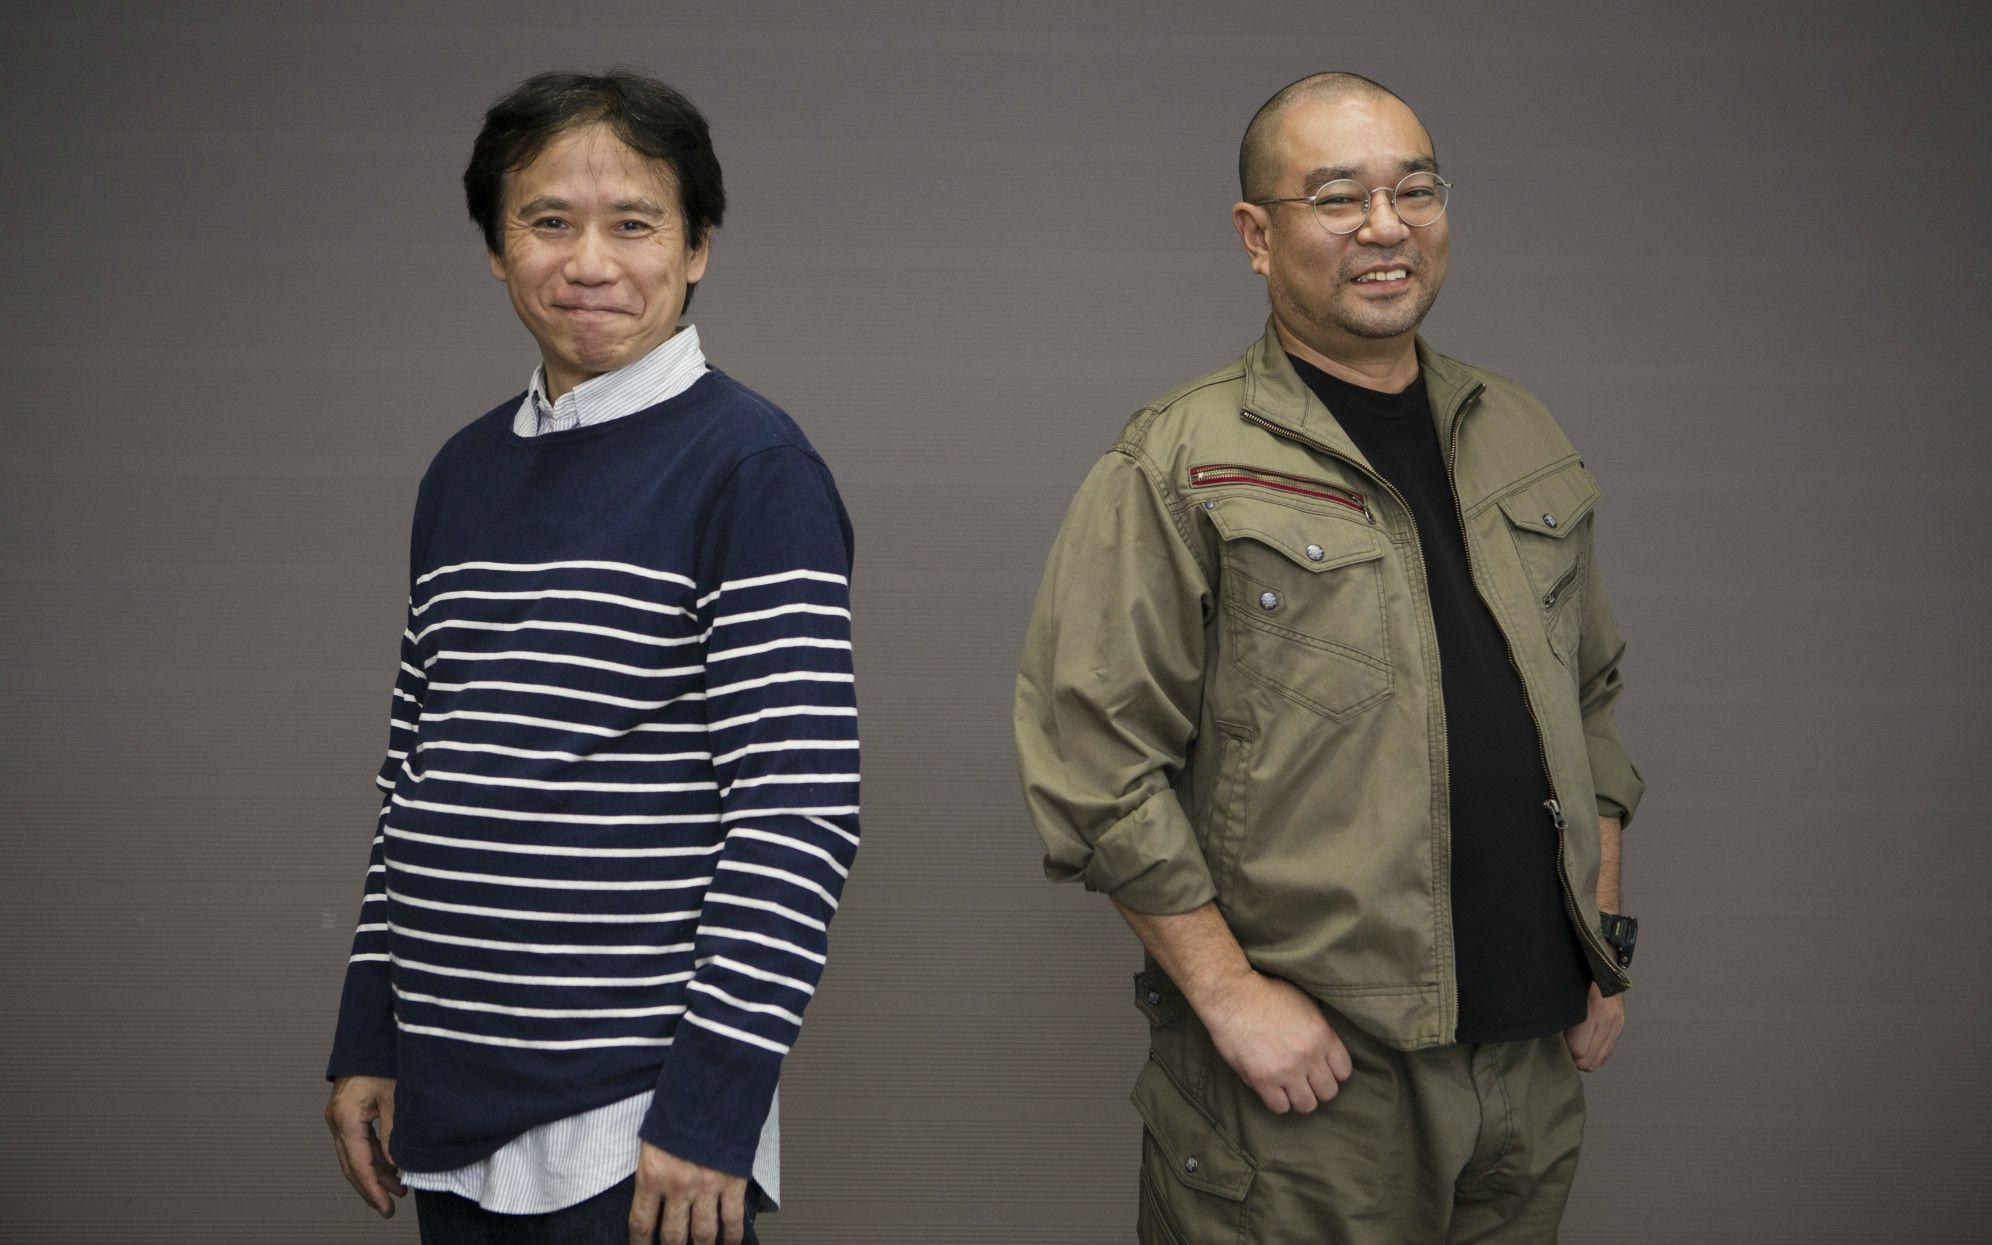 真夏にもかかわらずユニクロの秋物新品を着る横田氏(左)と、原発潜入時の作業着姿の鈴木氏(右)